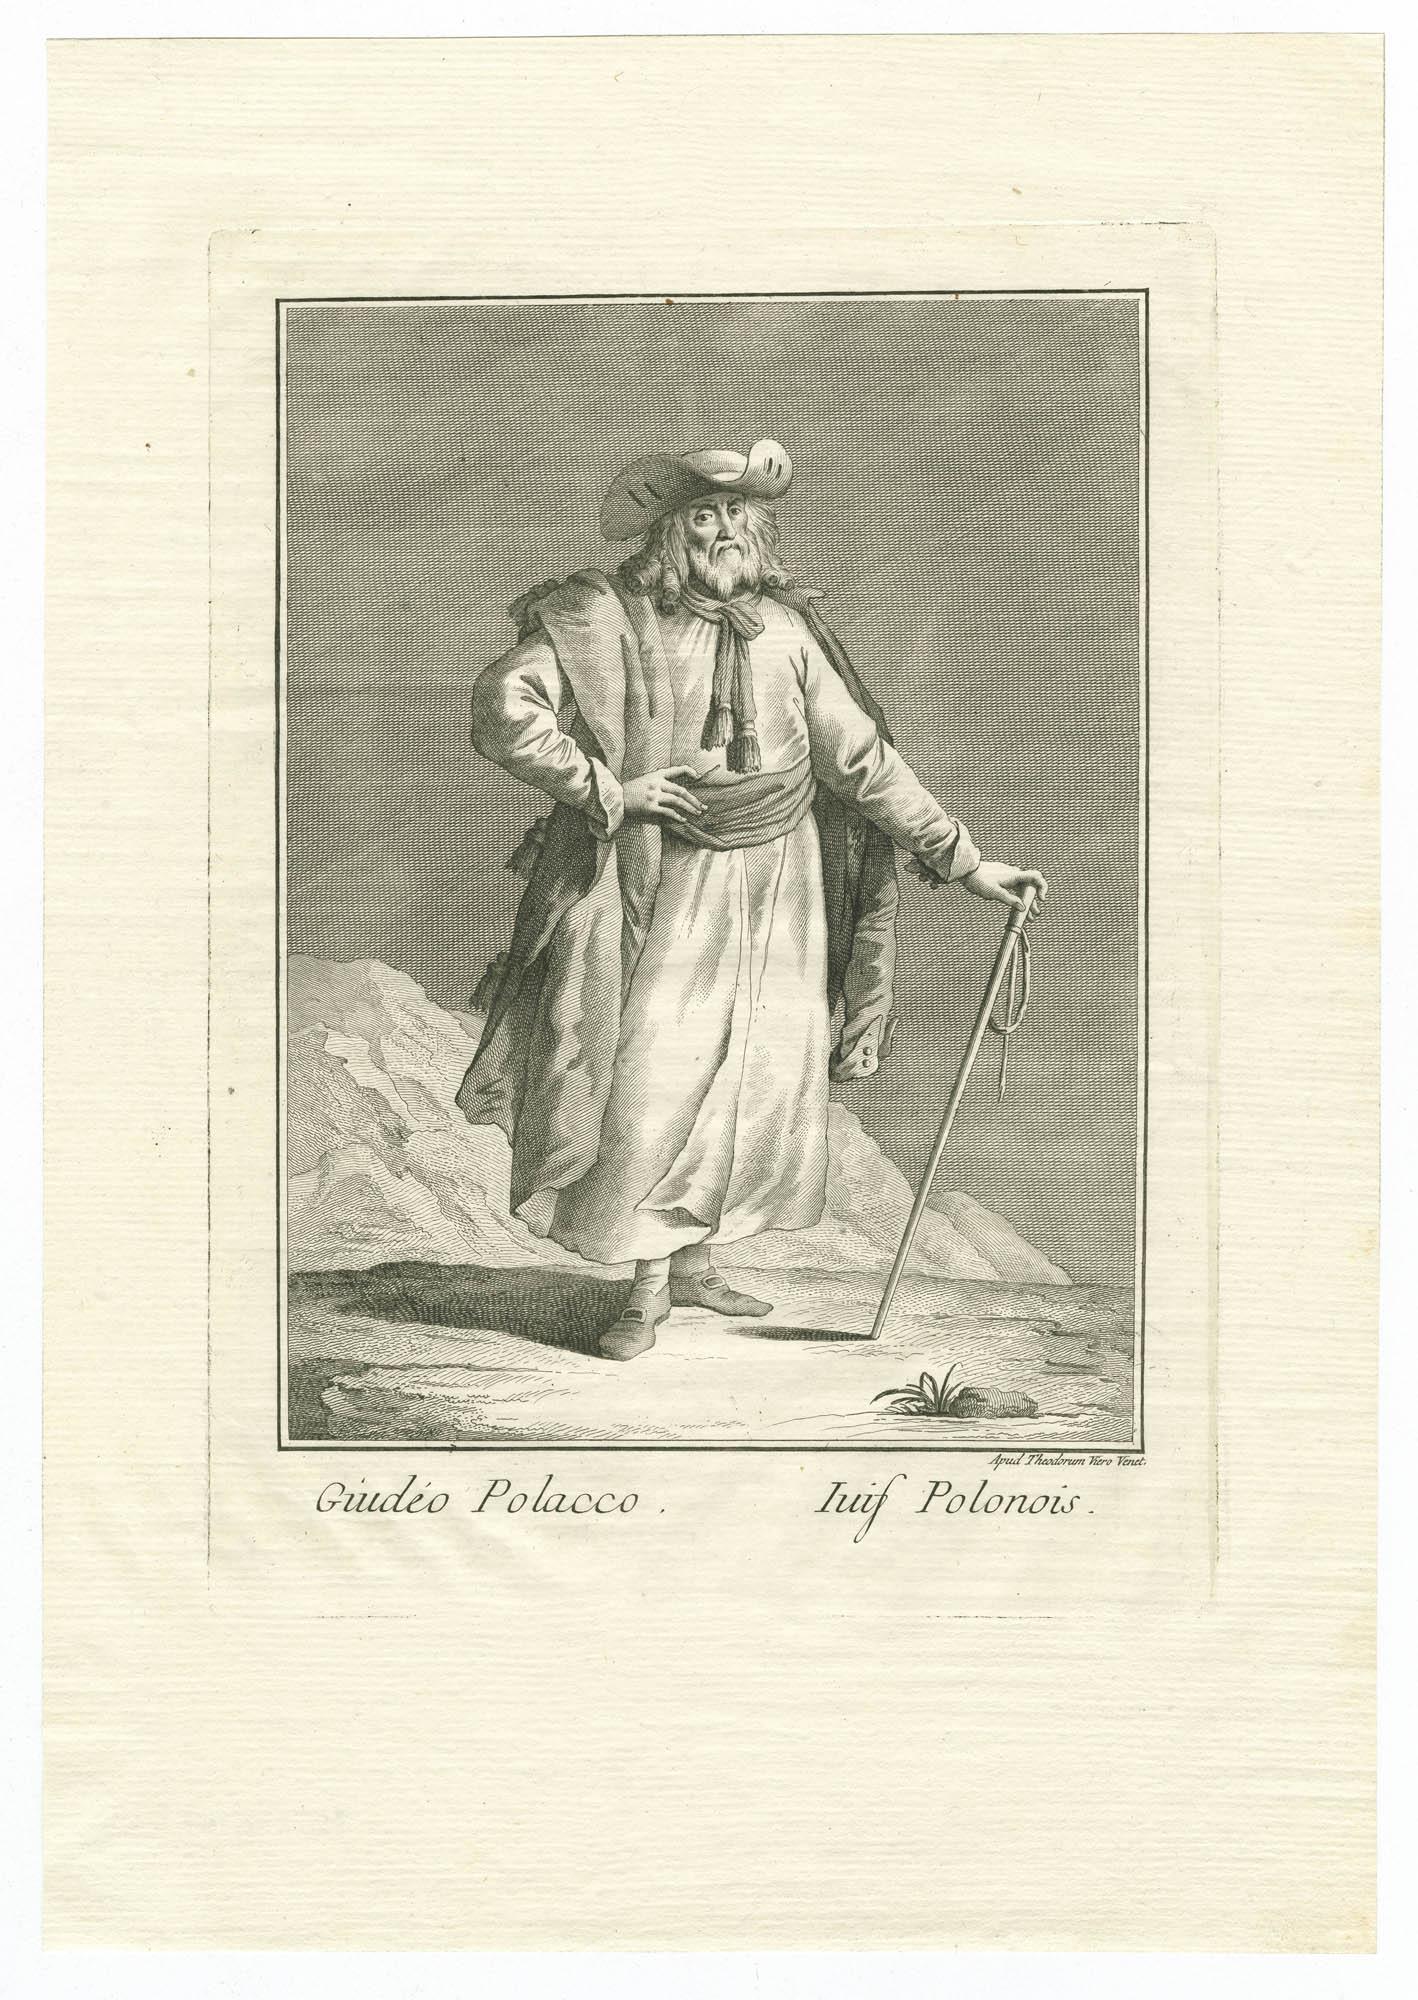 Giudéo Polacco / Juif Polonois